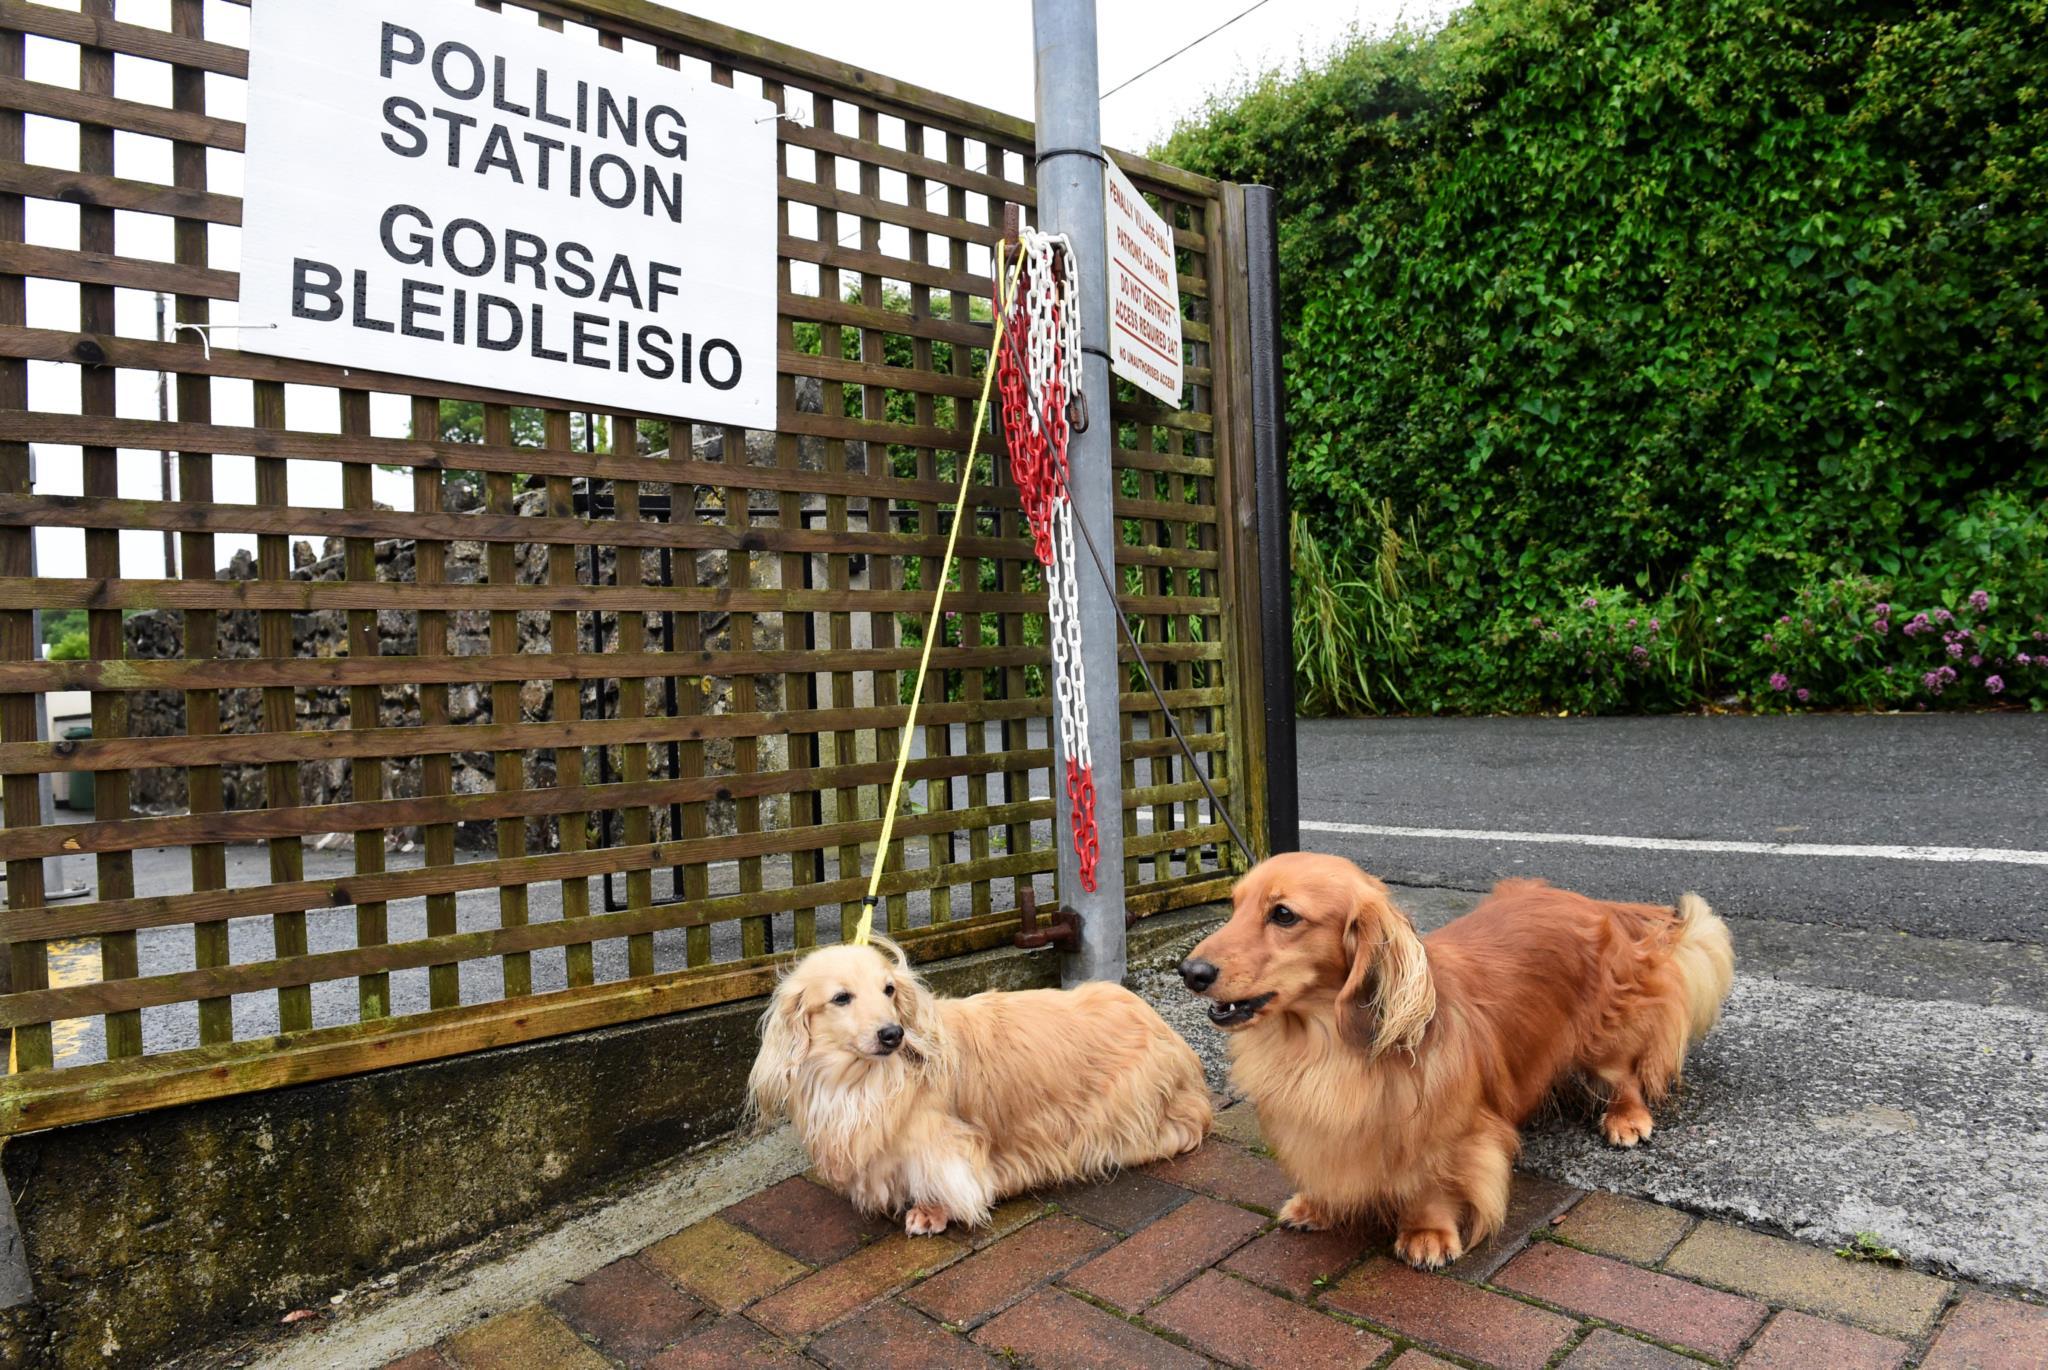 Dois cães aguardam pelo dono, no exterior de uma assembleia de voto no País de Gales